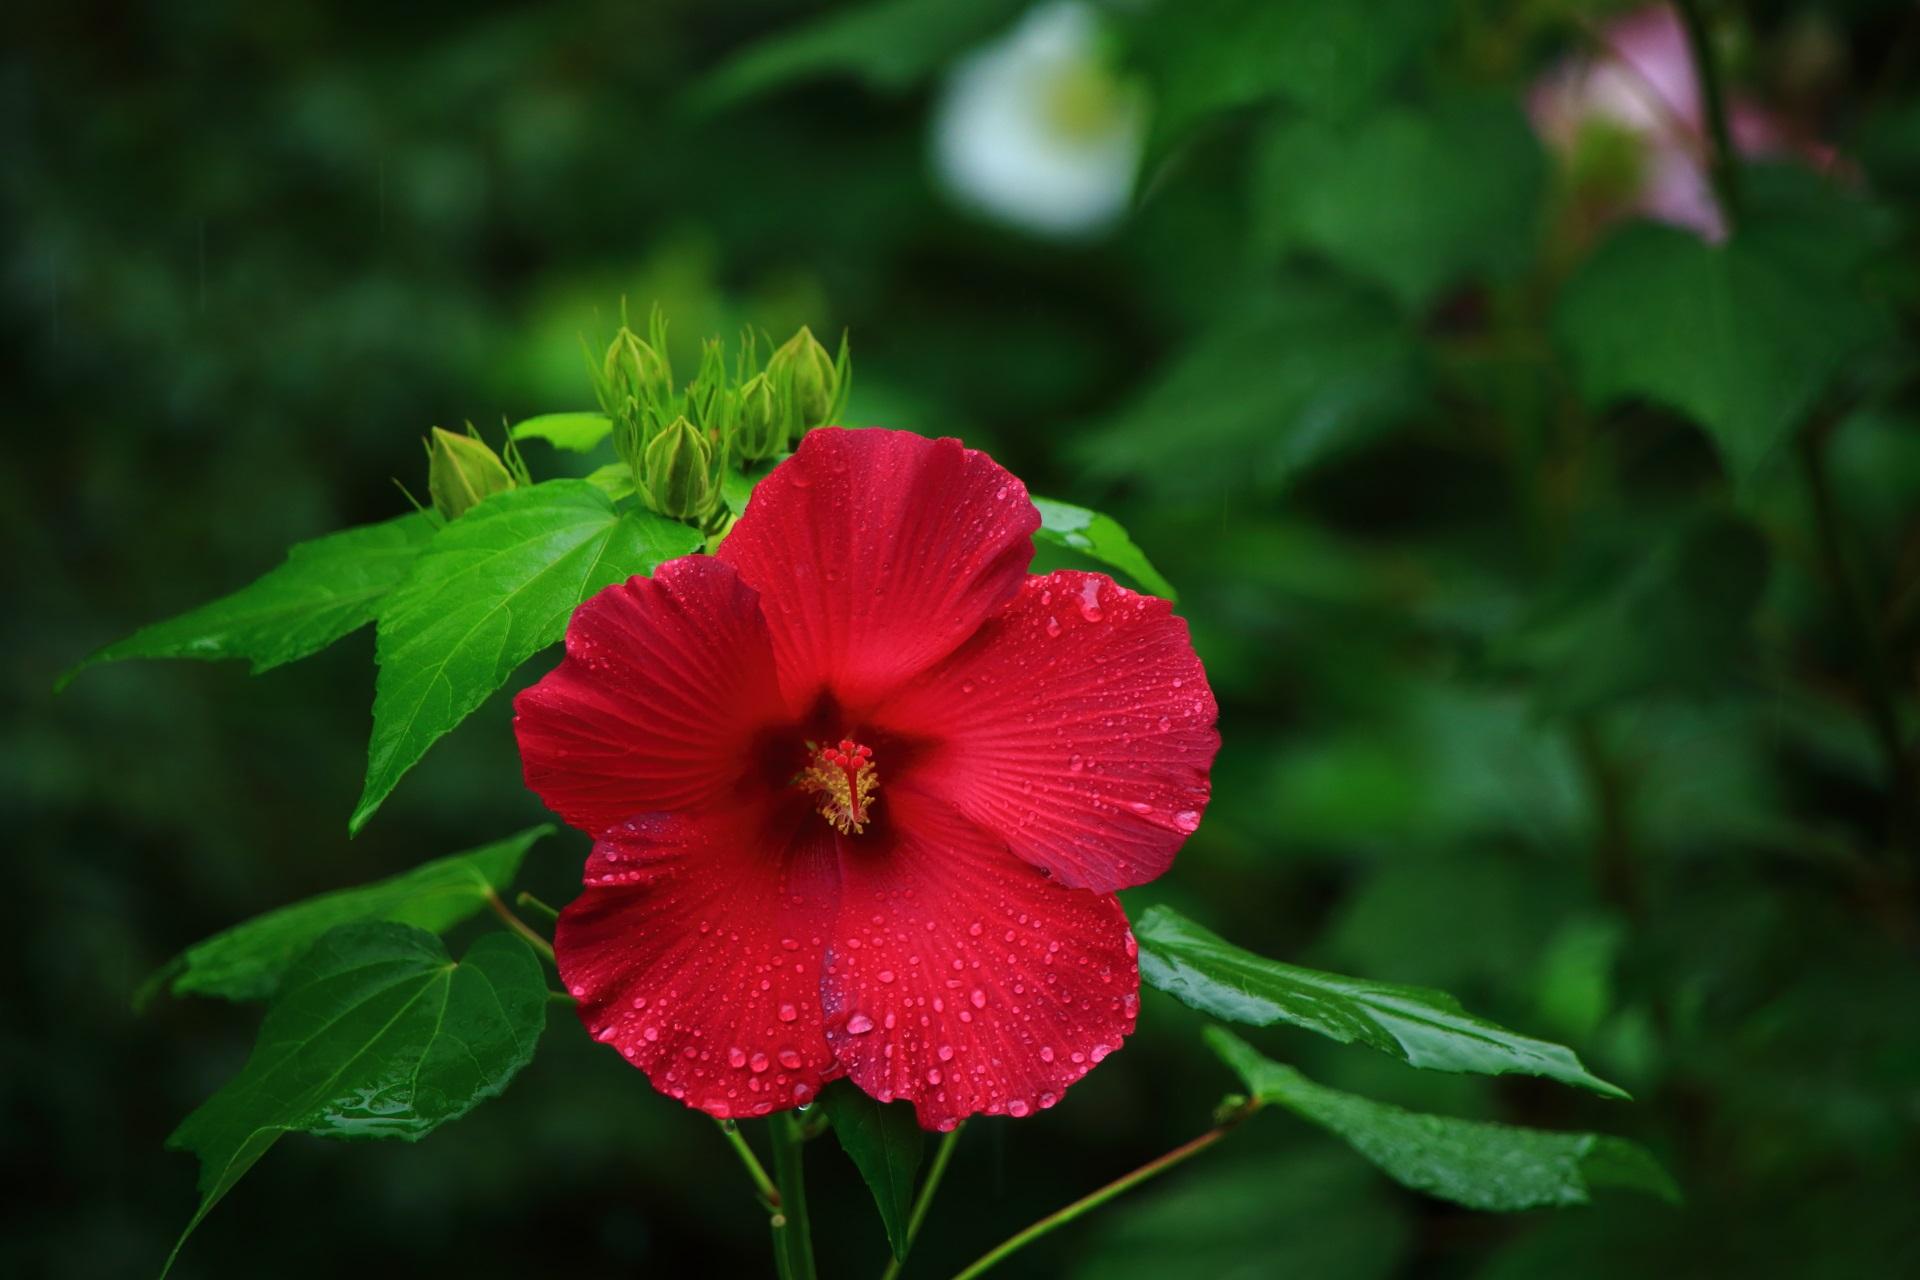 圧倒的な存在感を放つ鮮烈な色合いの芙蓉の花